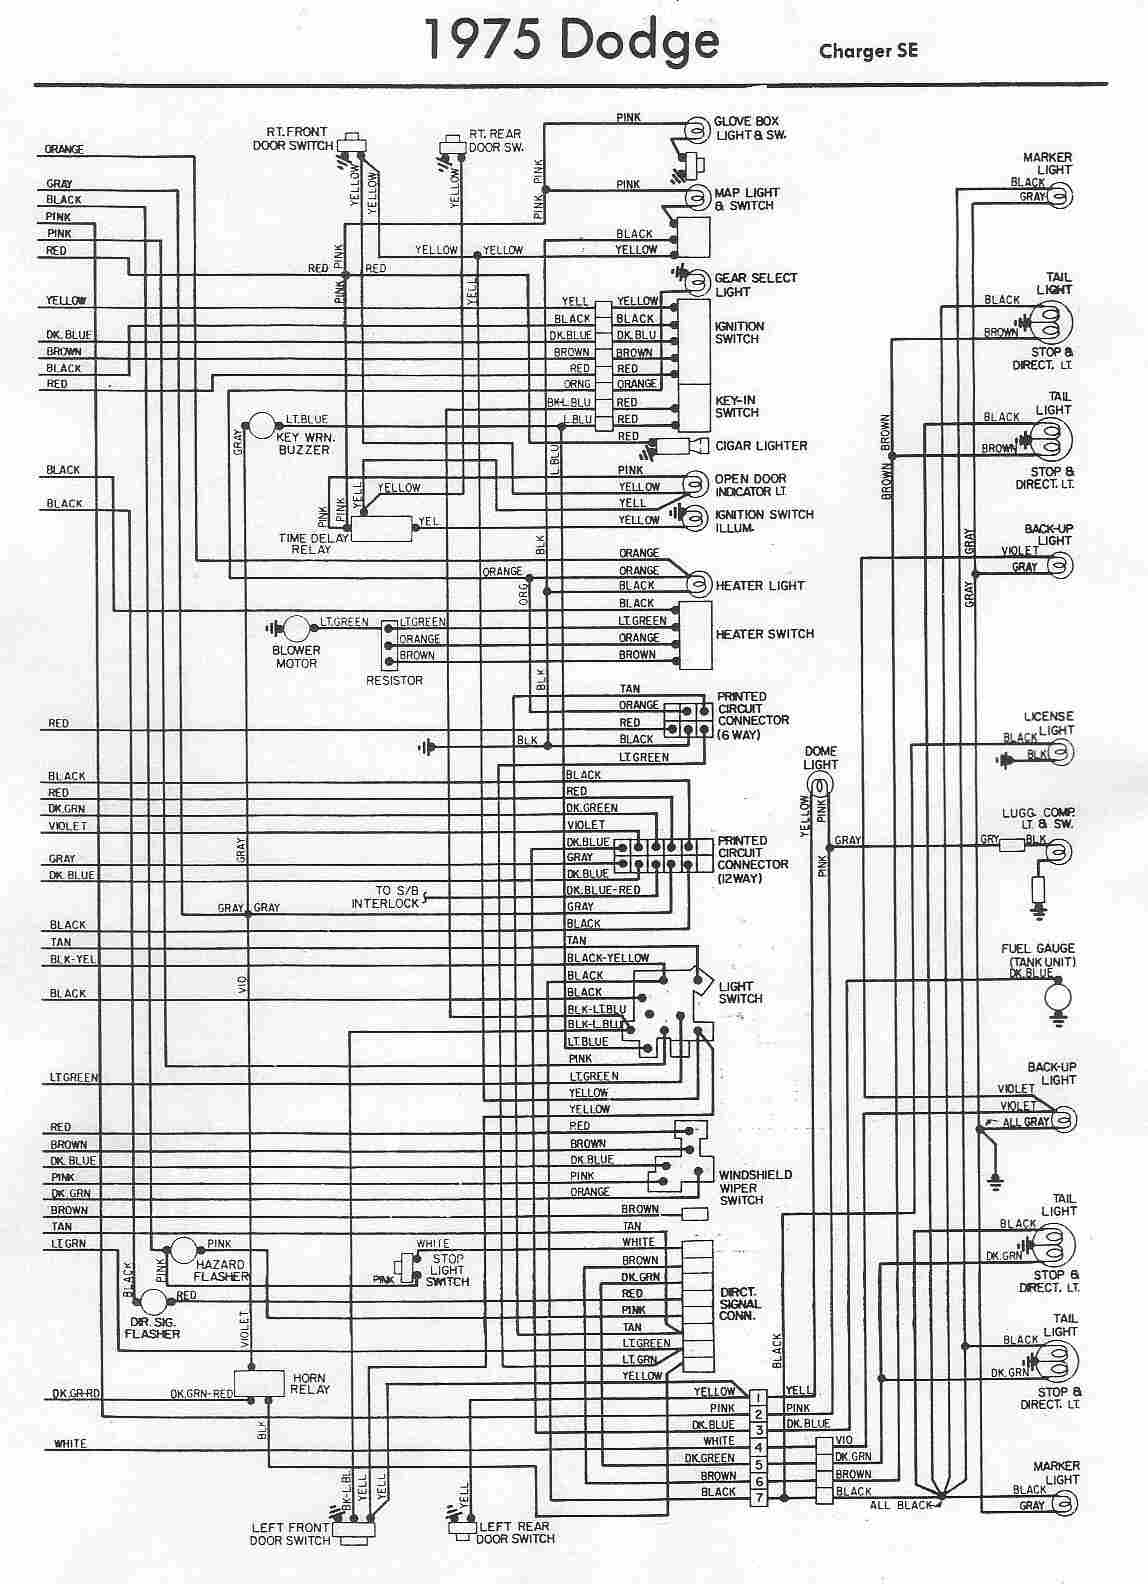 73 Datsun 620 Wiring Diagram Schematic Best And Letter Suzuki Carry